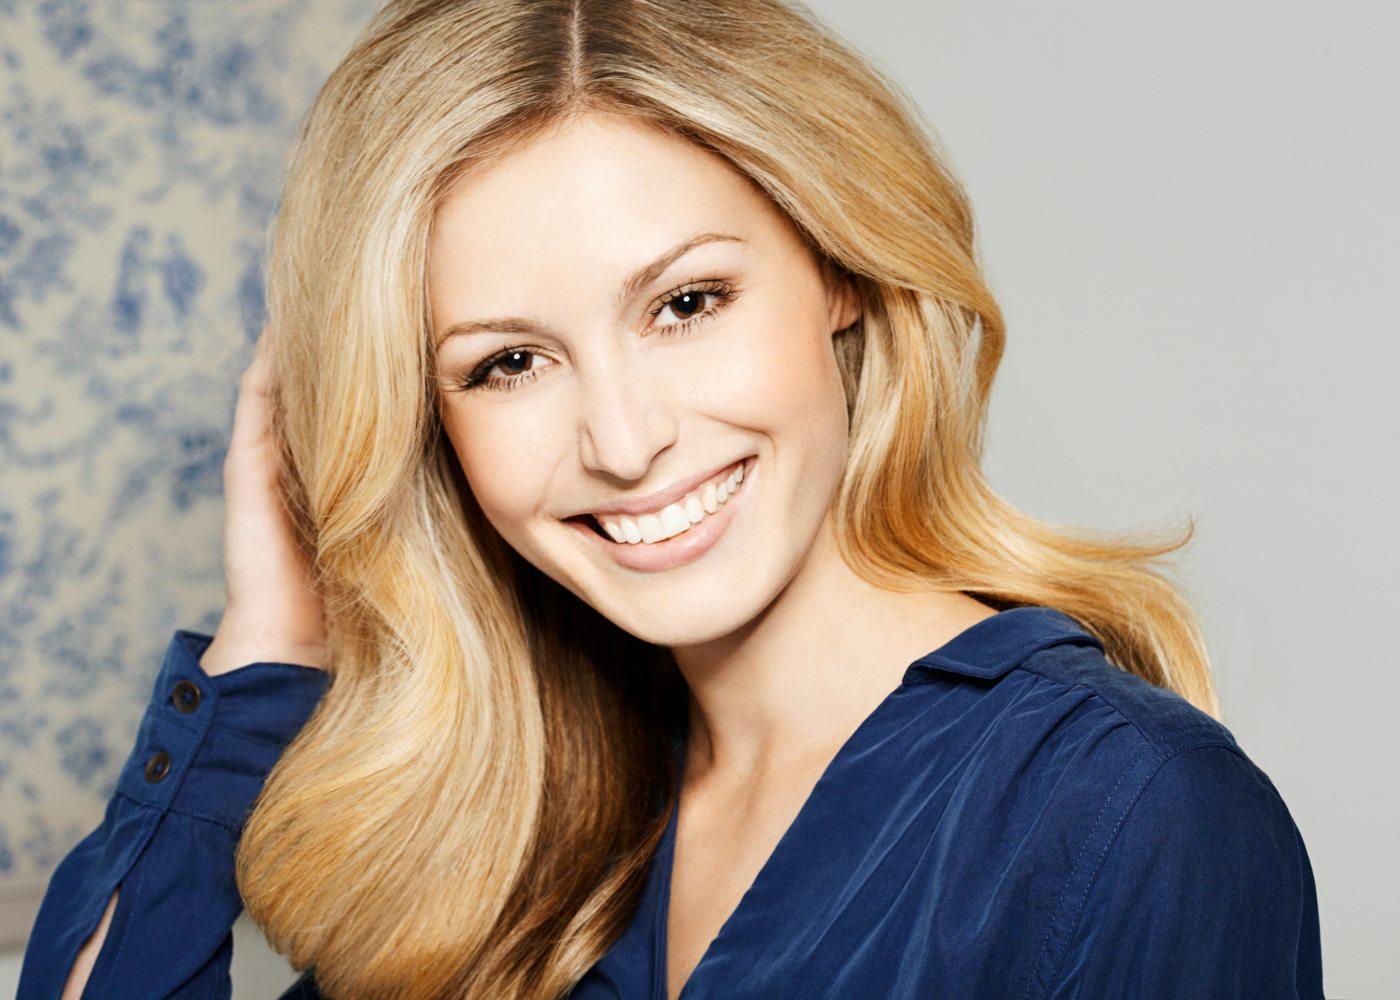 Mulher com dentes brancos